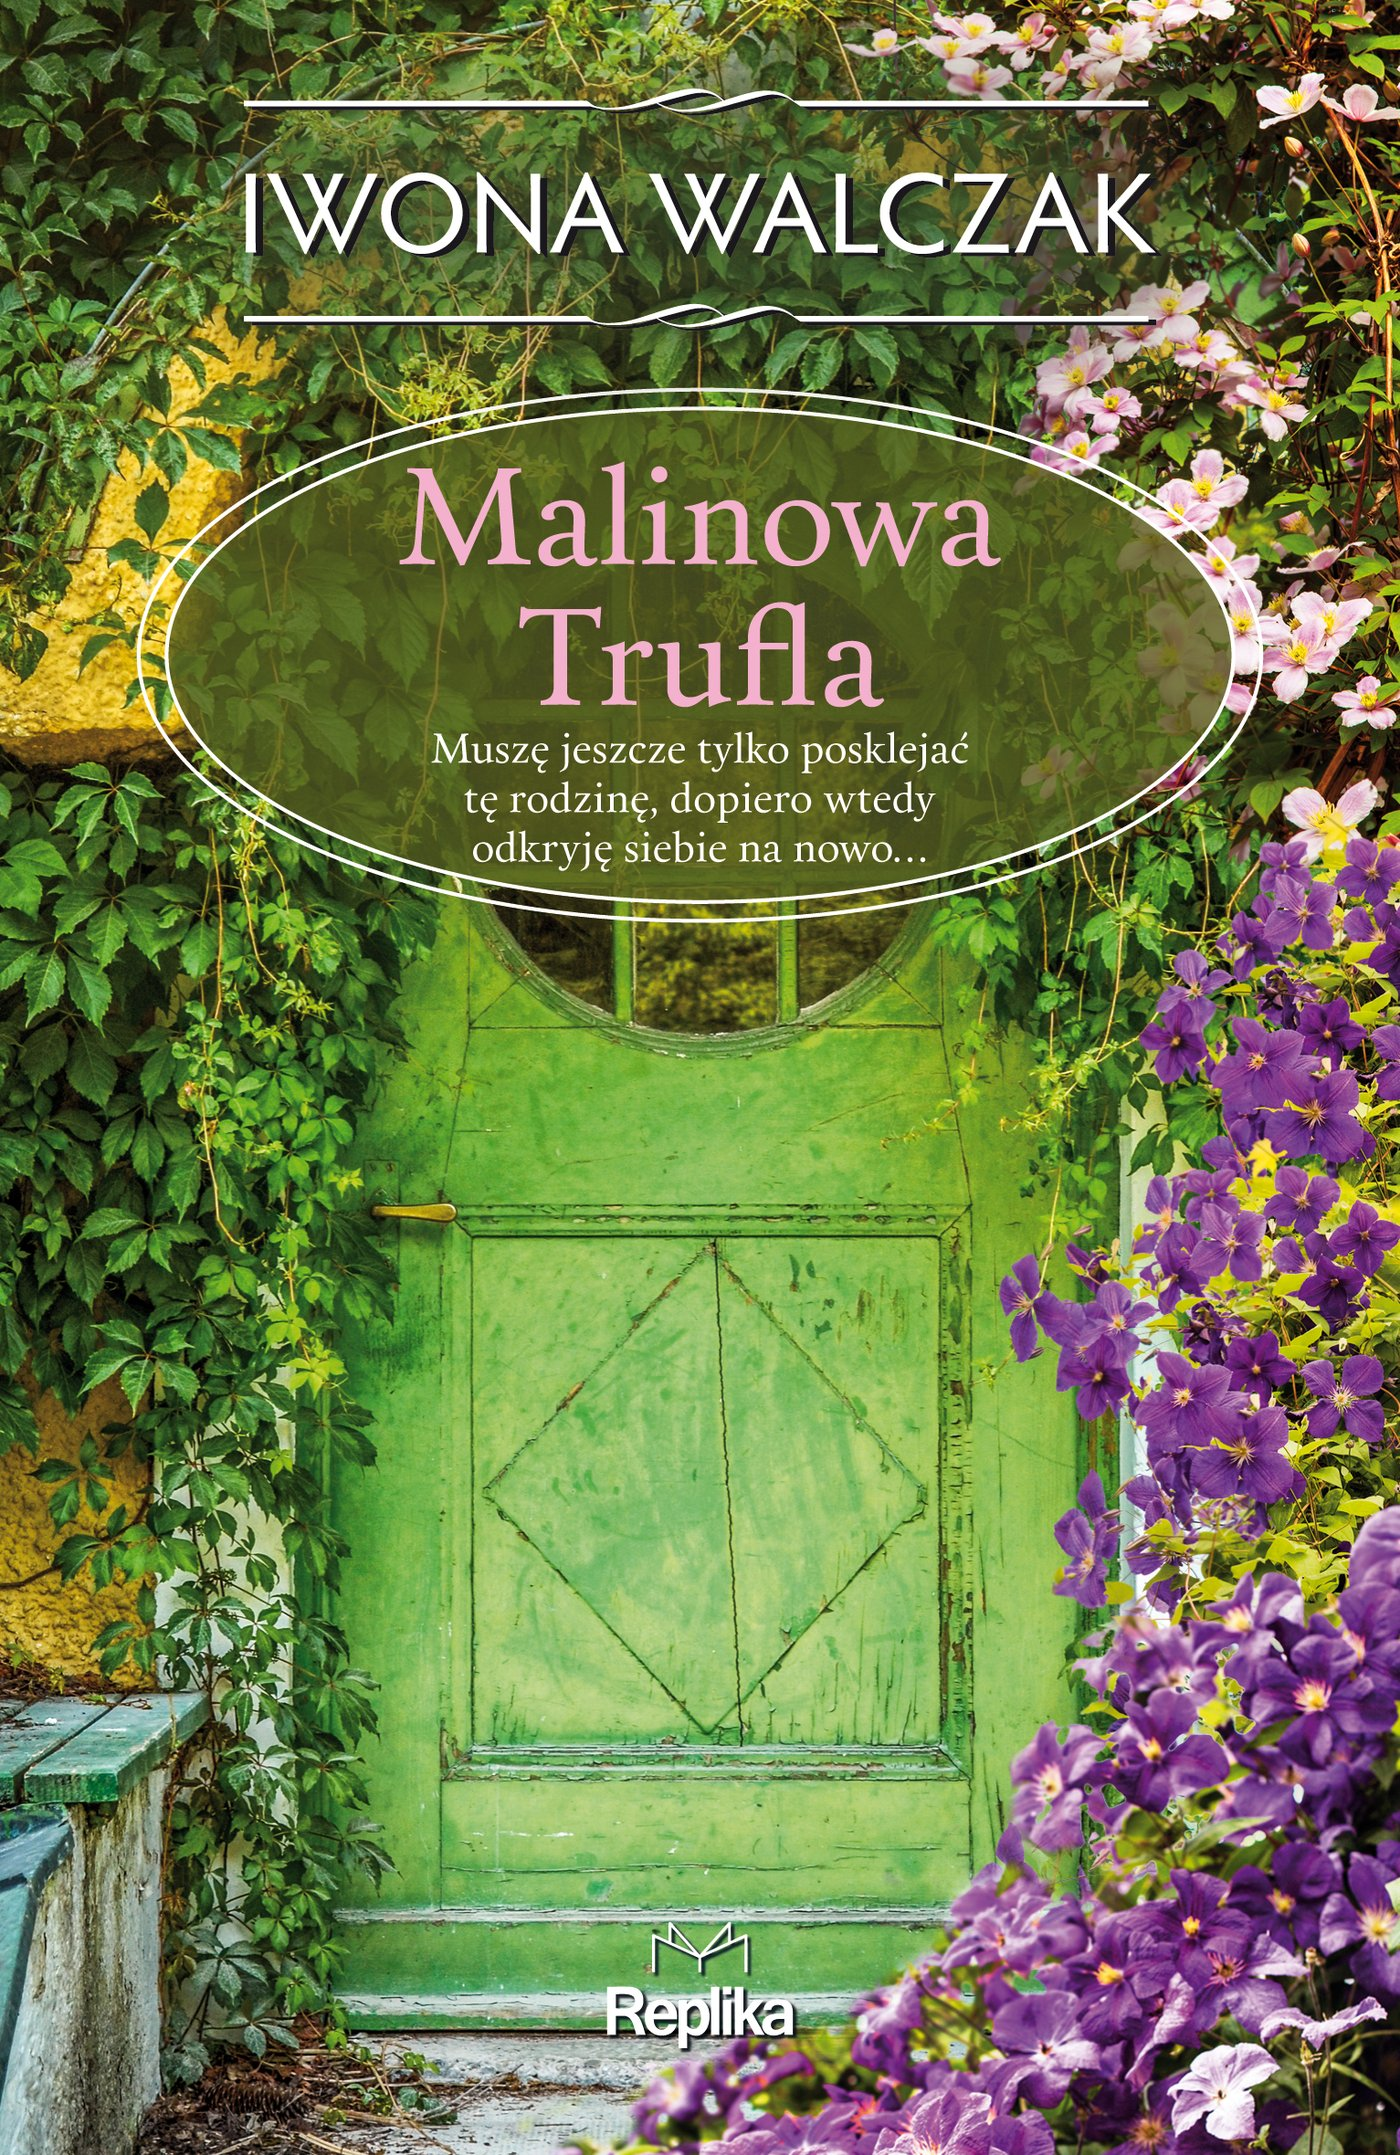 Malinowa Trufla - Ebook (Książka EPUB) do pobrania w formacie EPUB